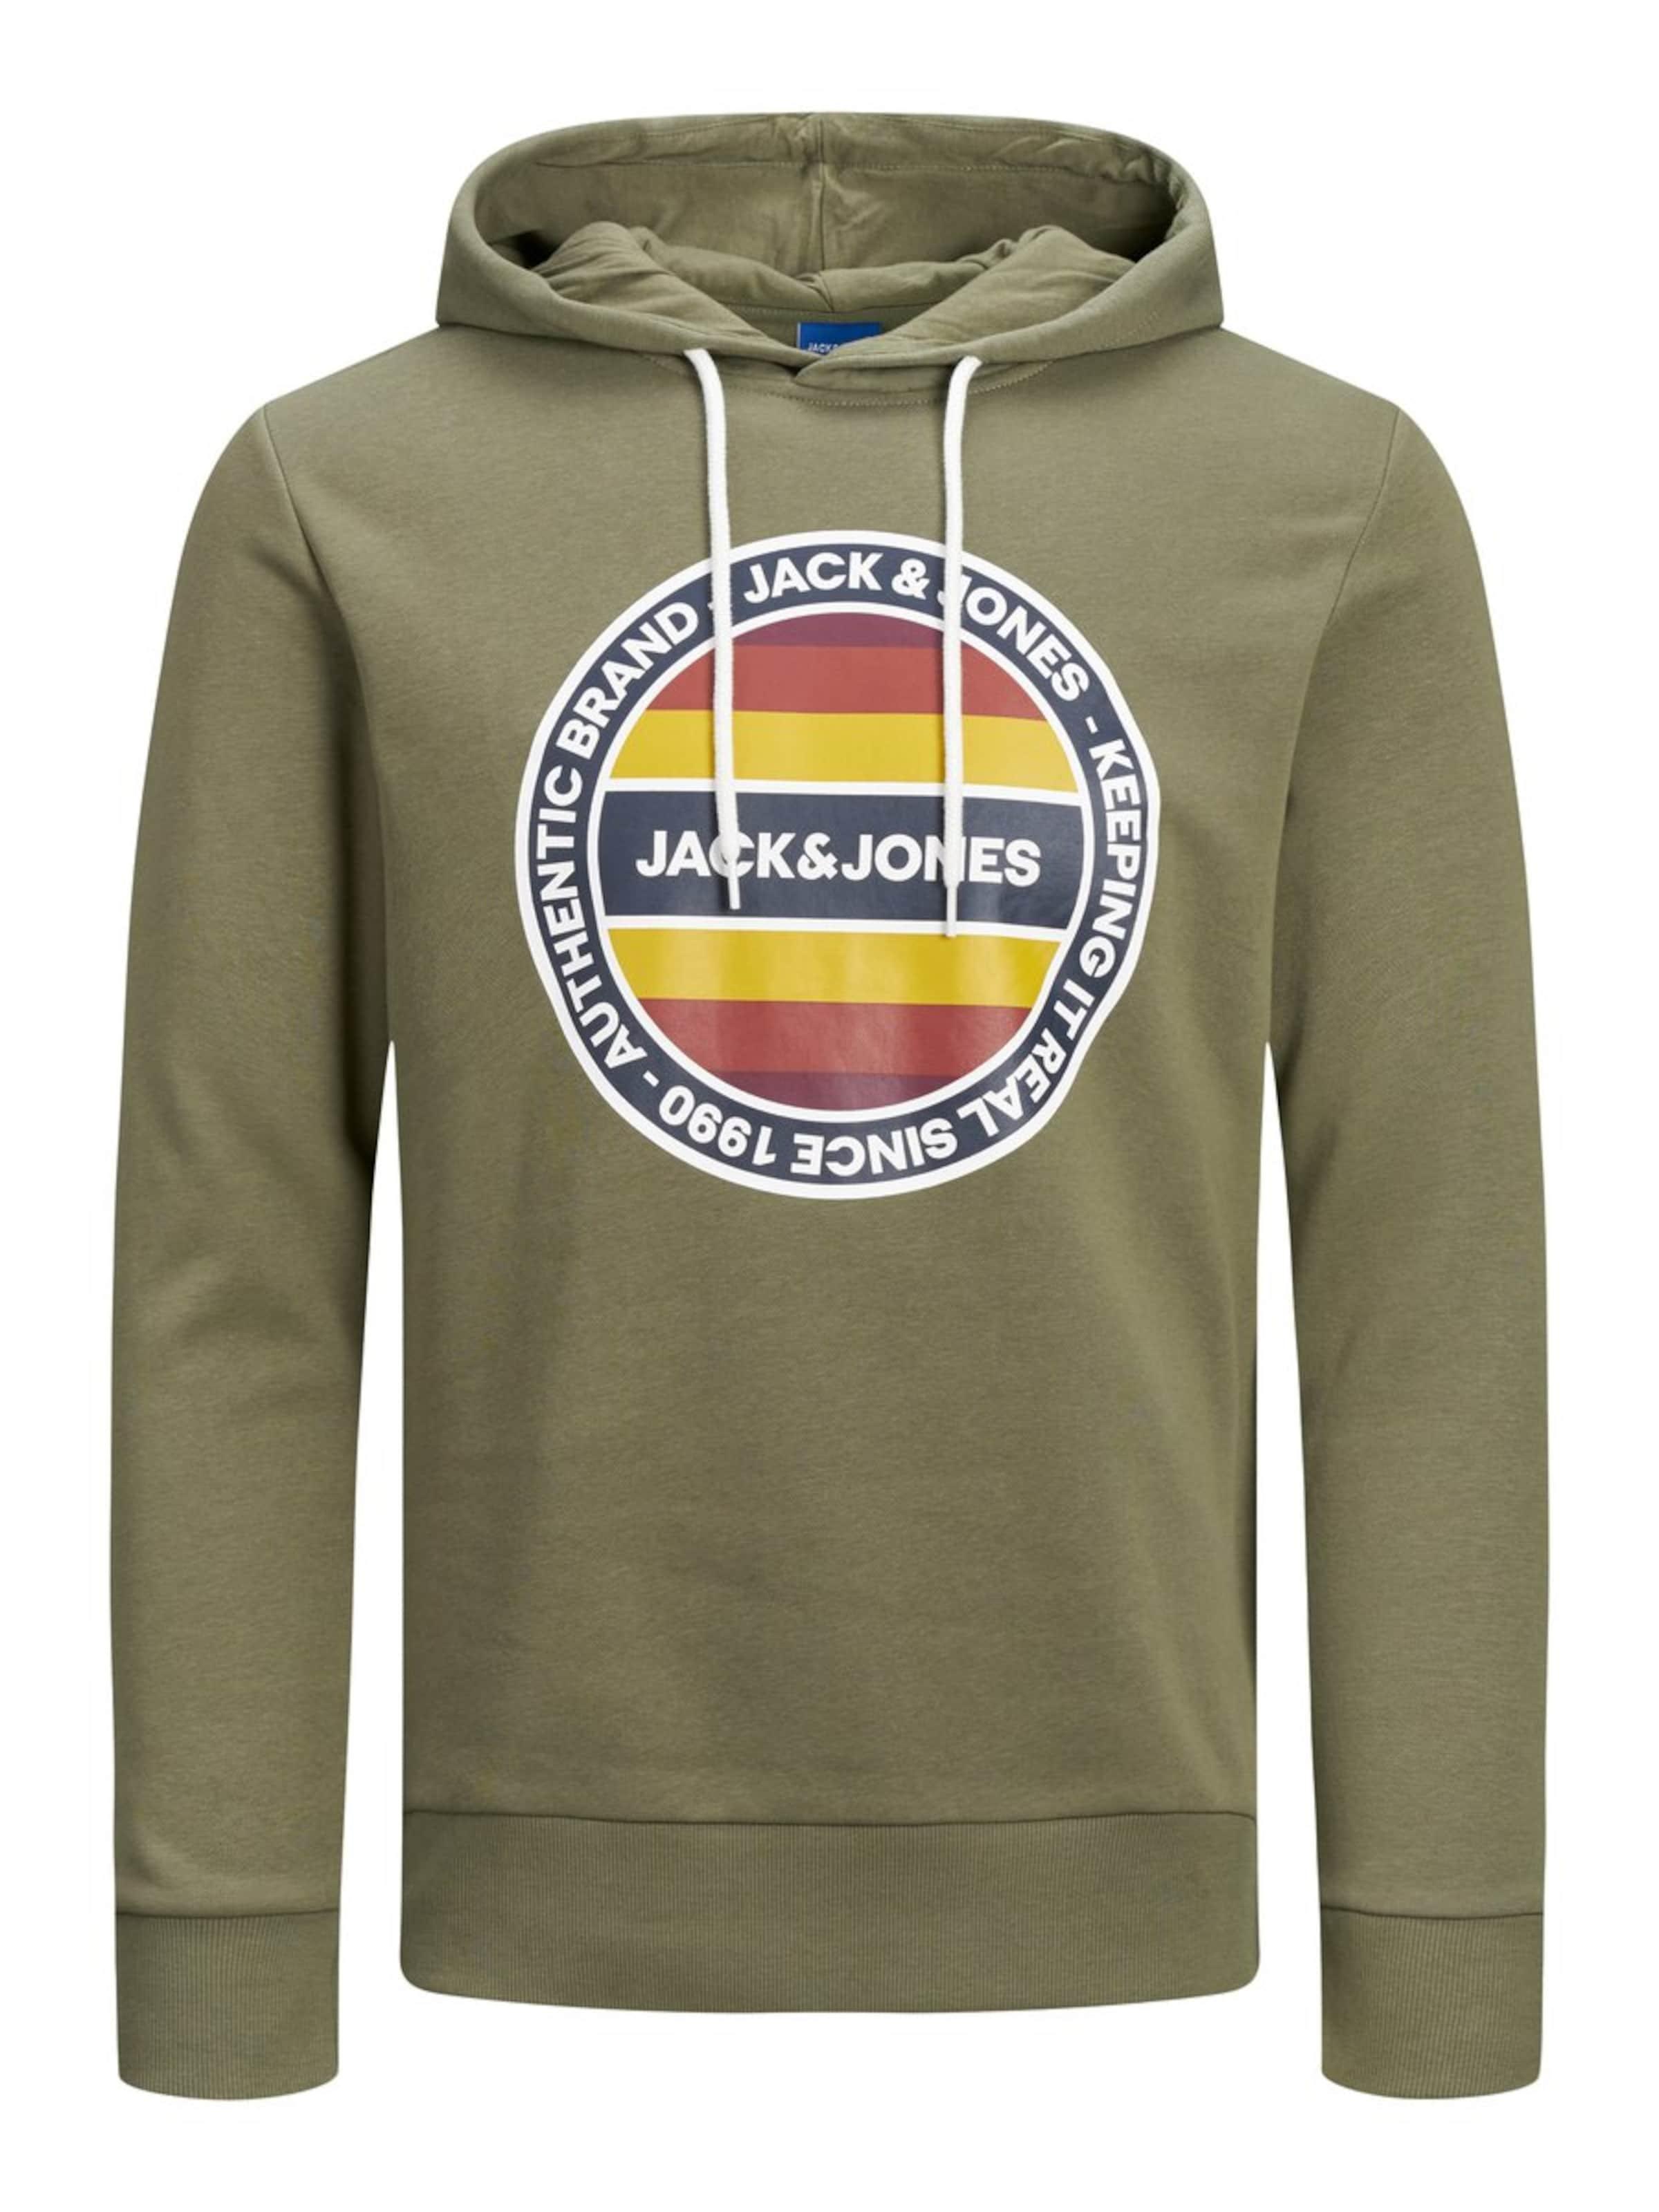 Jones Jones In Jones OlivWeiß Sweatshirt OlivWeiß Jackamp; Jackamp; Sweatshirt In Jackamp; fgy7b6